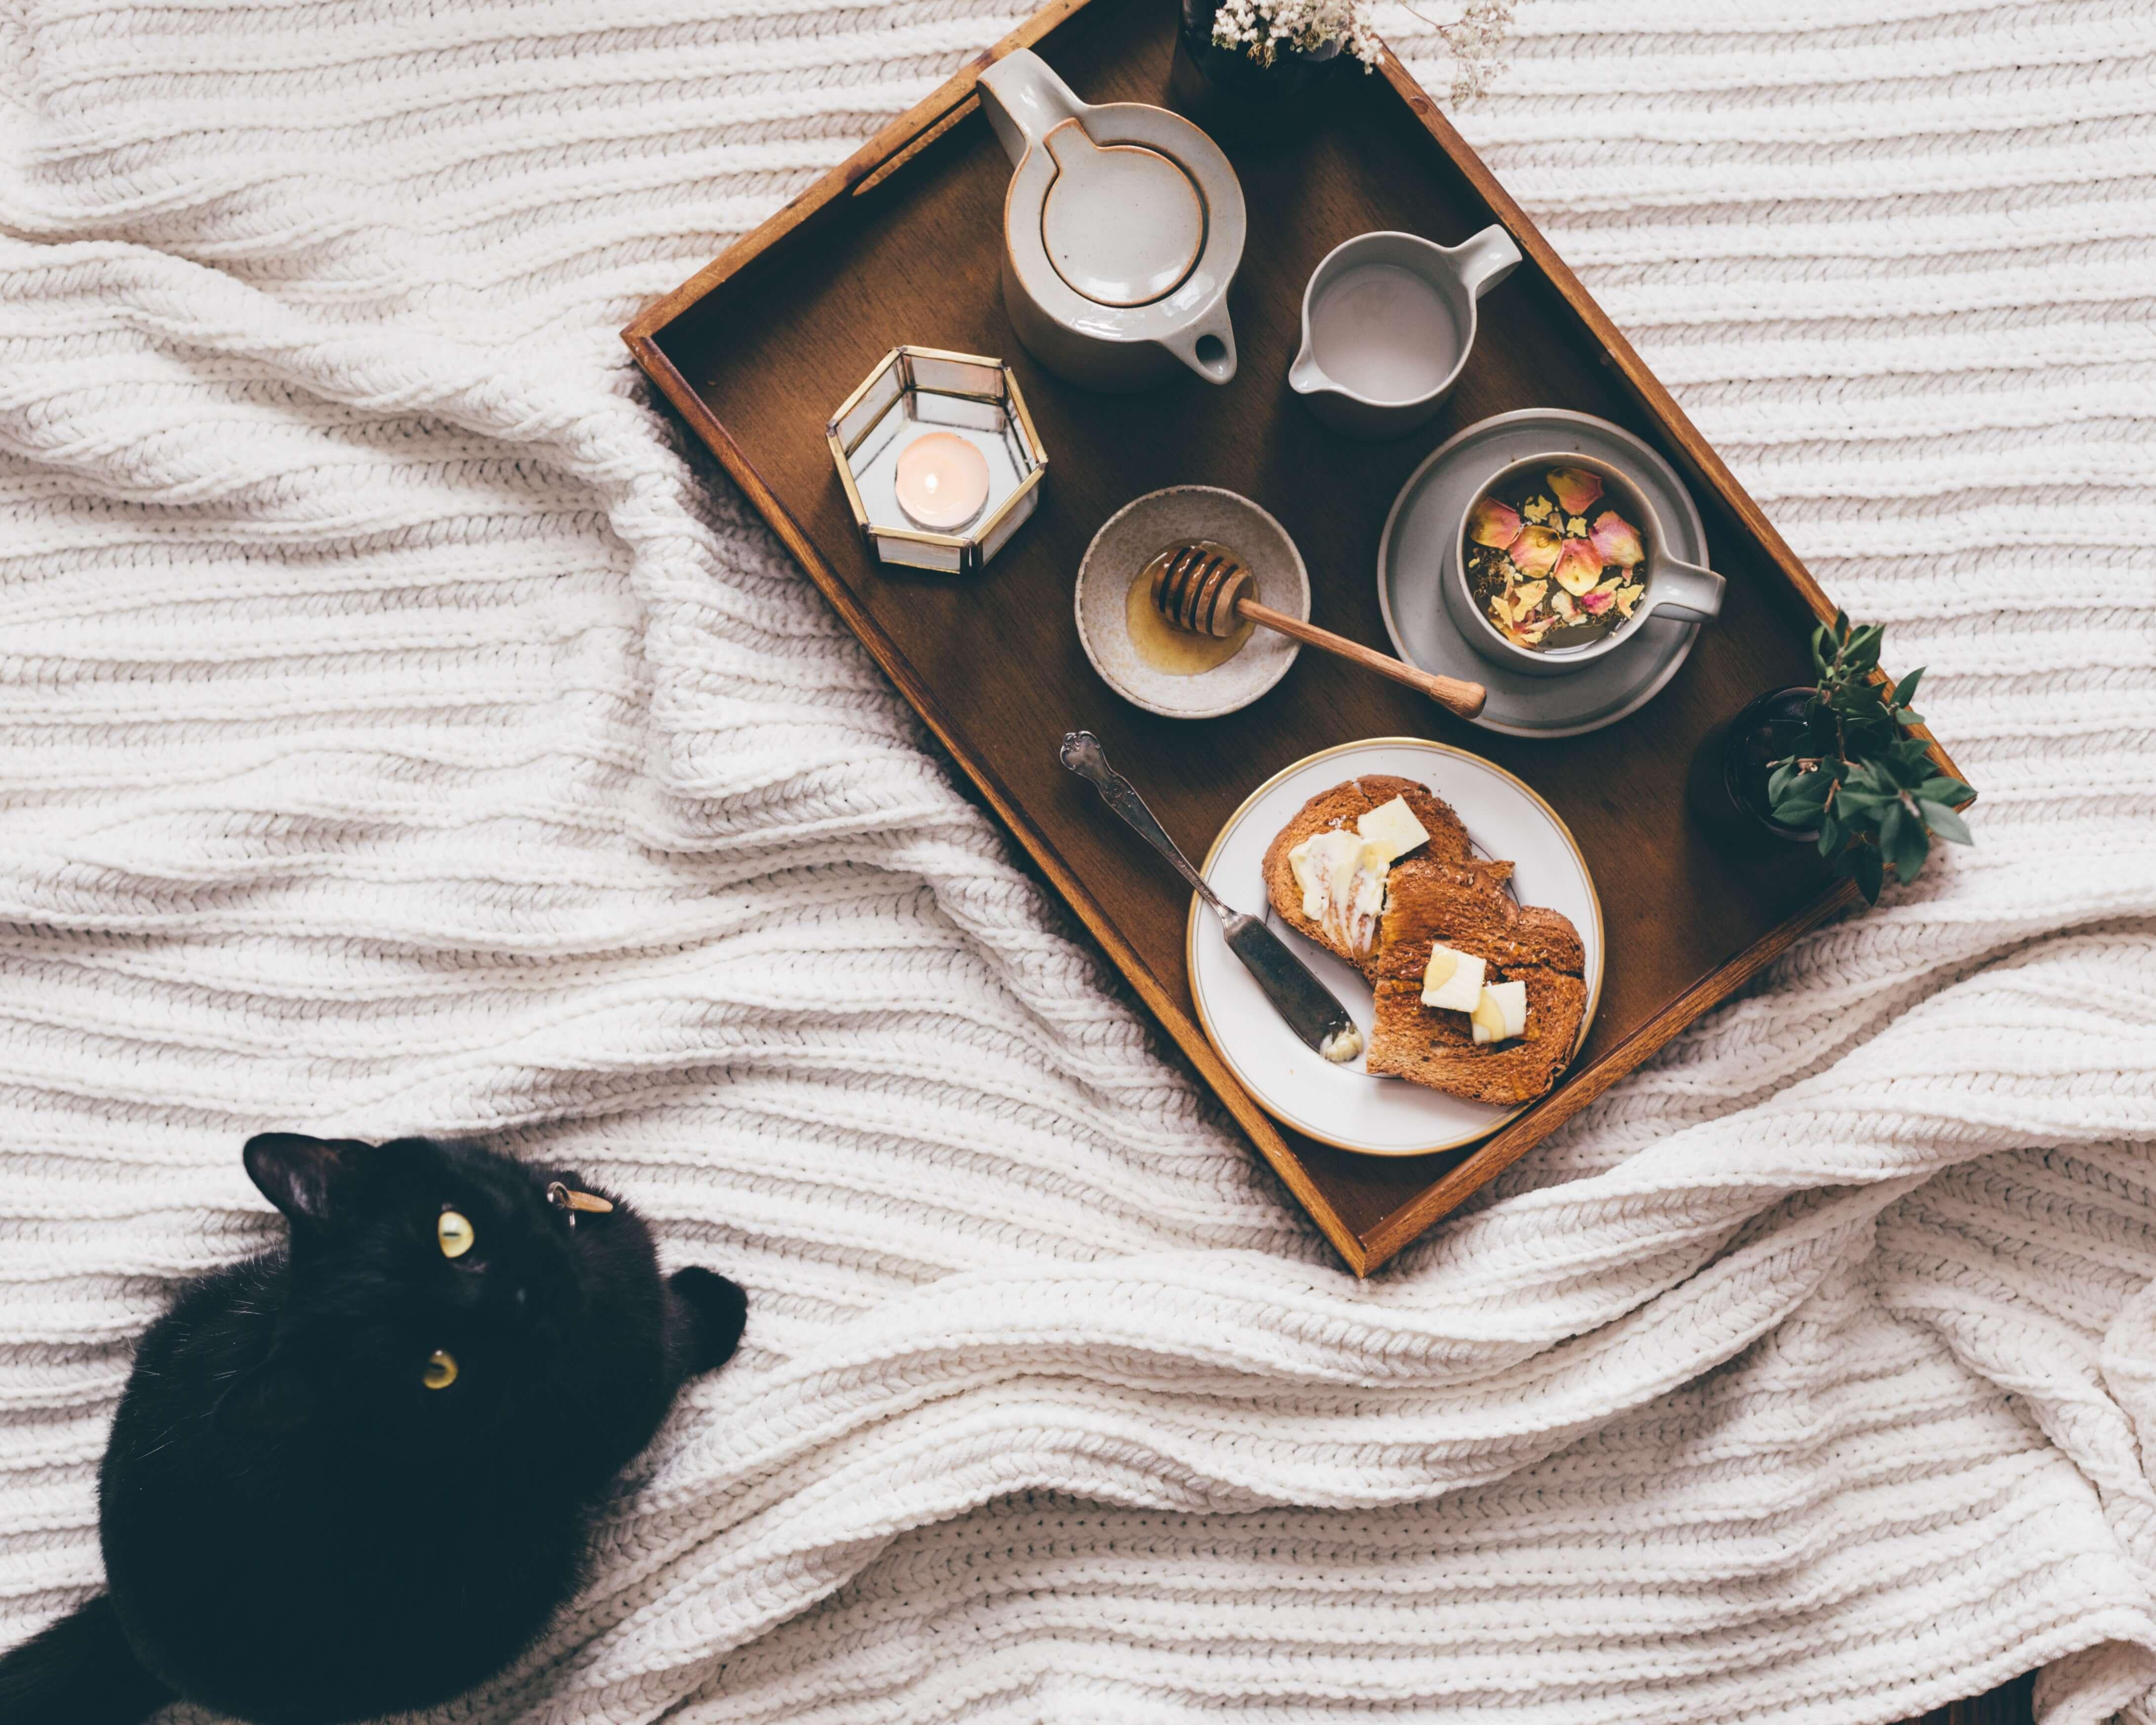 貓咪不會是過敏的單一原因,亦有可能是食物本身、或是環境中的塵蟎落在貓身上,而導致飼主過敏